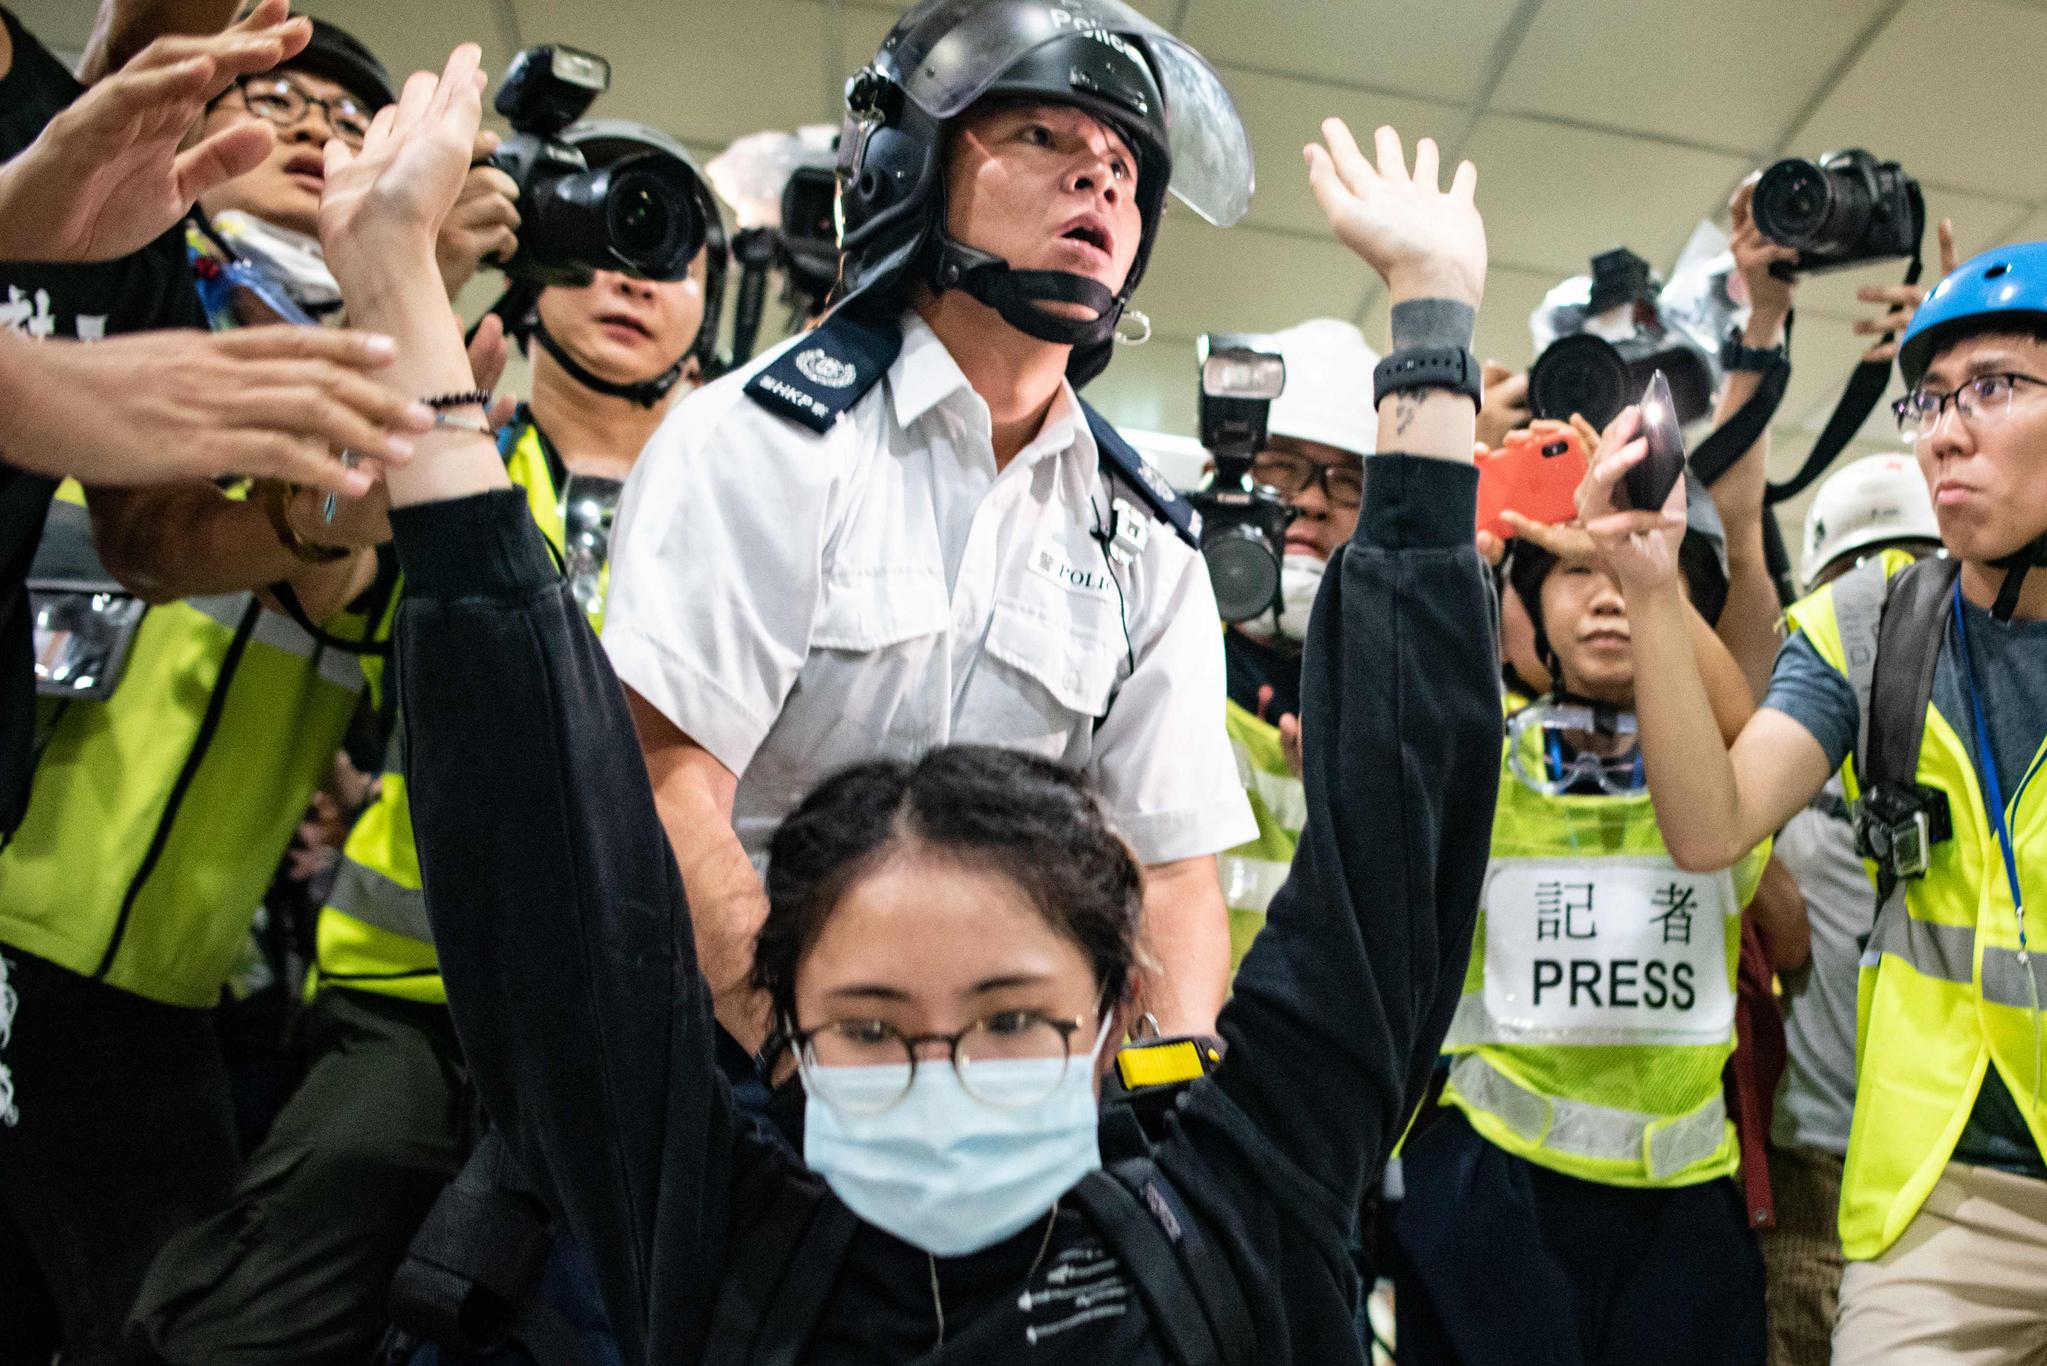 이날 한 여성 시위자가 경찰에 붙잡혀 무릎을 꿇고 두손을 들고 있다. [AP=연합뉴스]